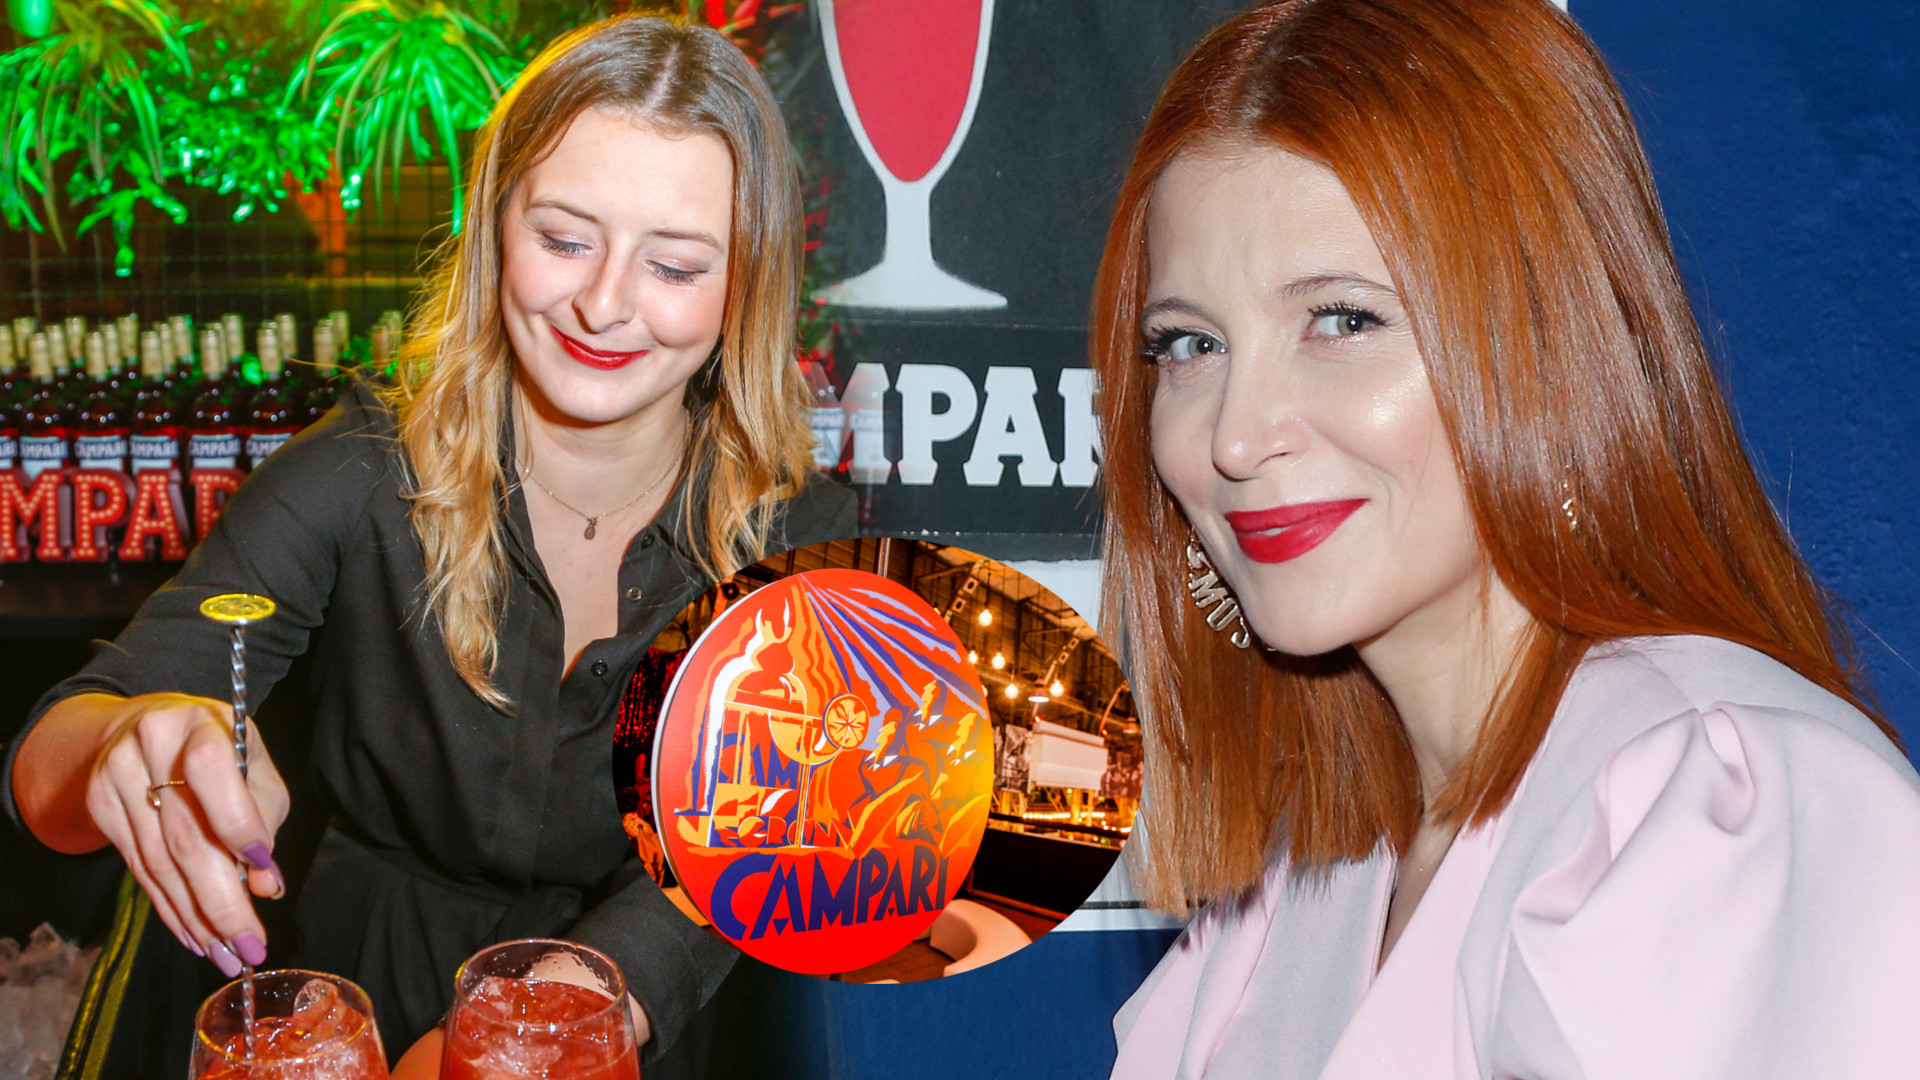 Galeria i pop-up bar Campari otwierają się w Hali Gwardii